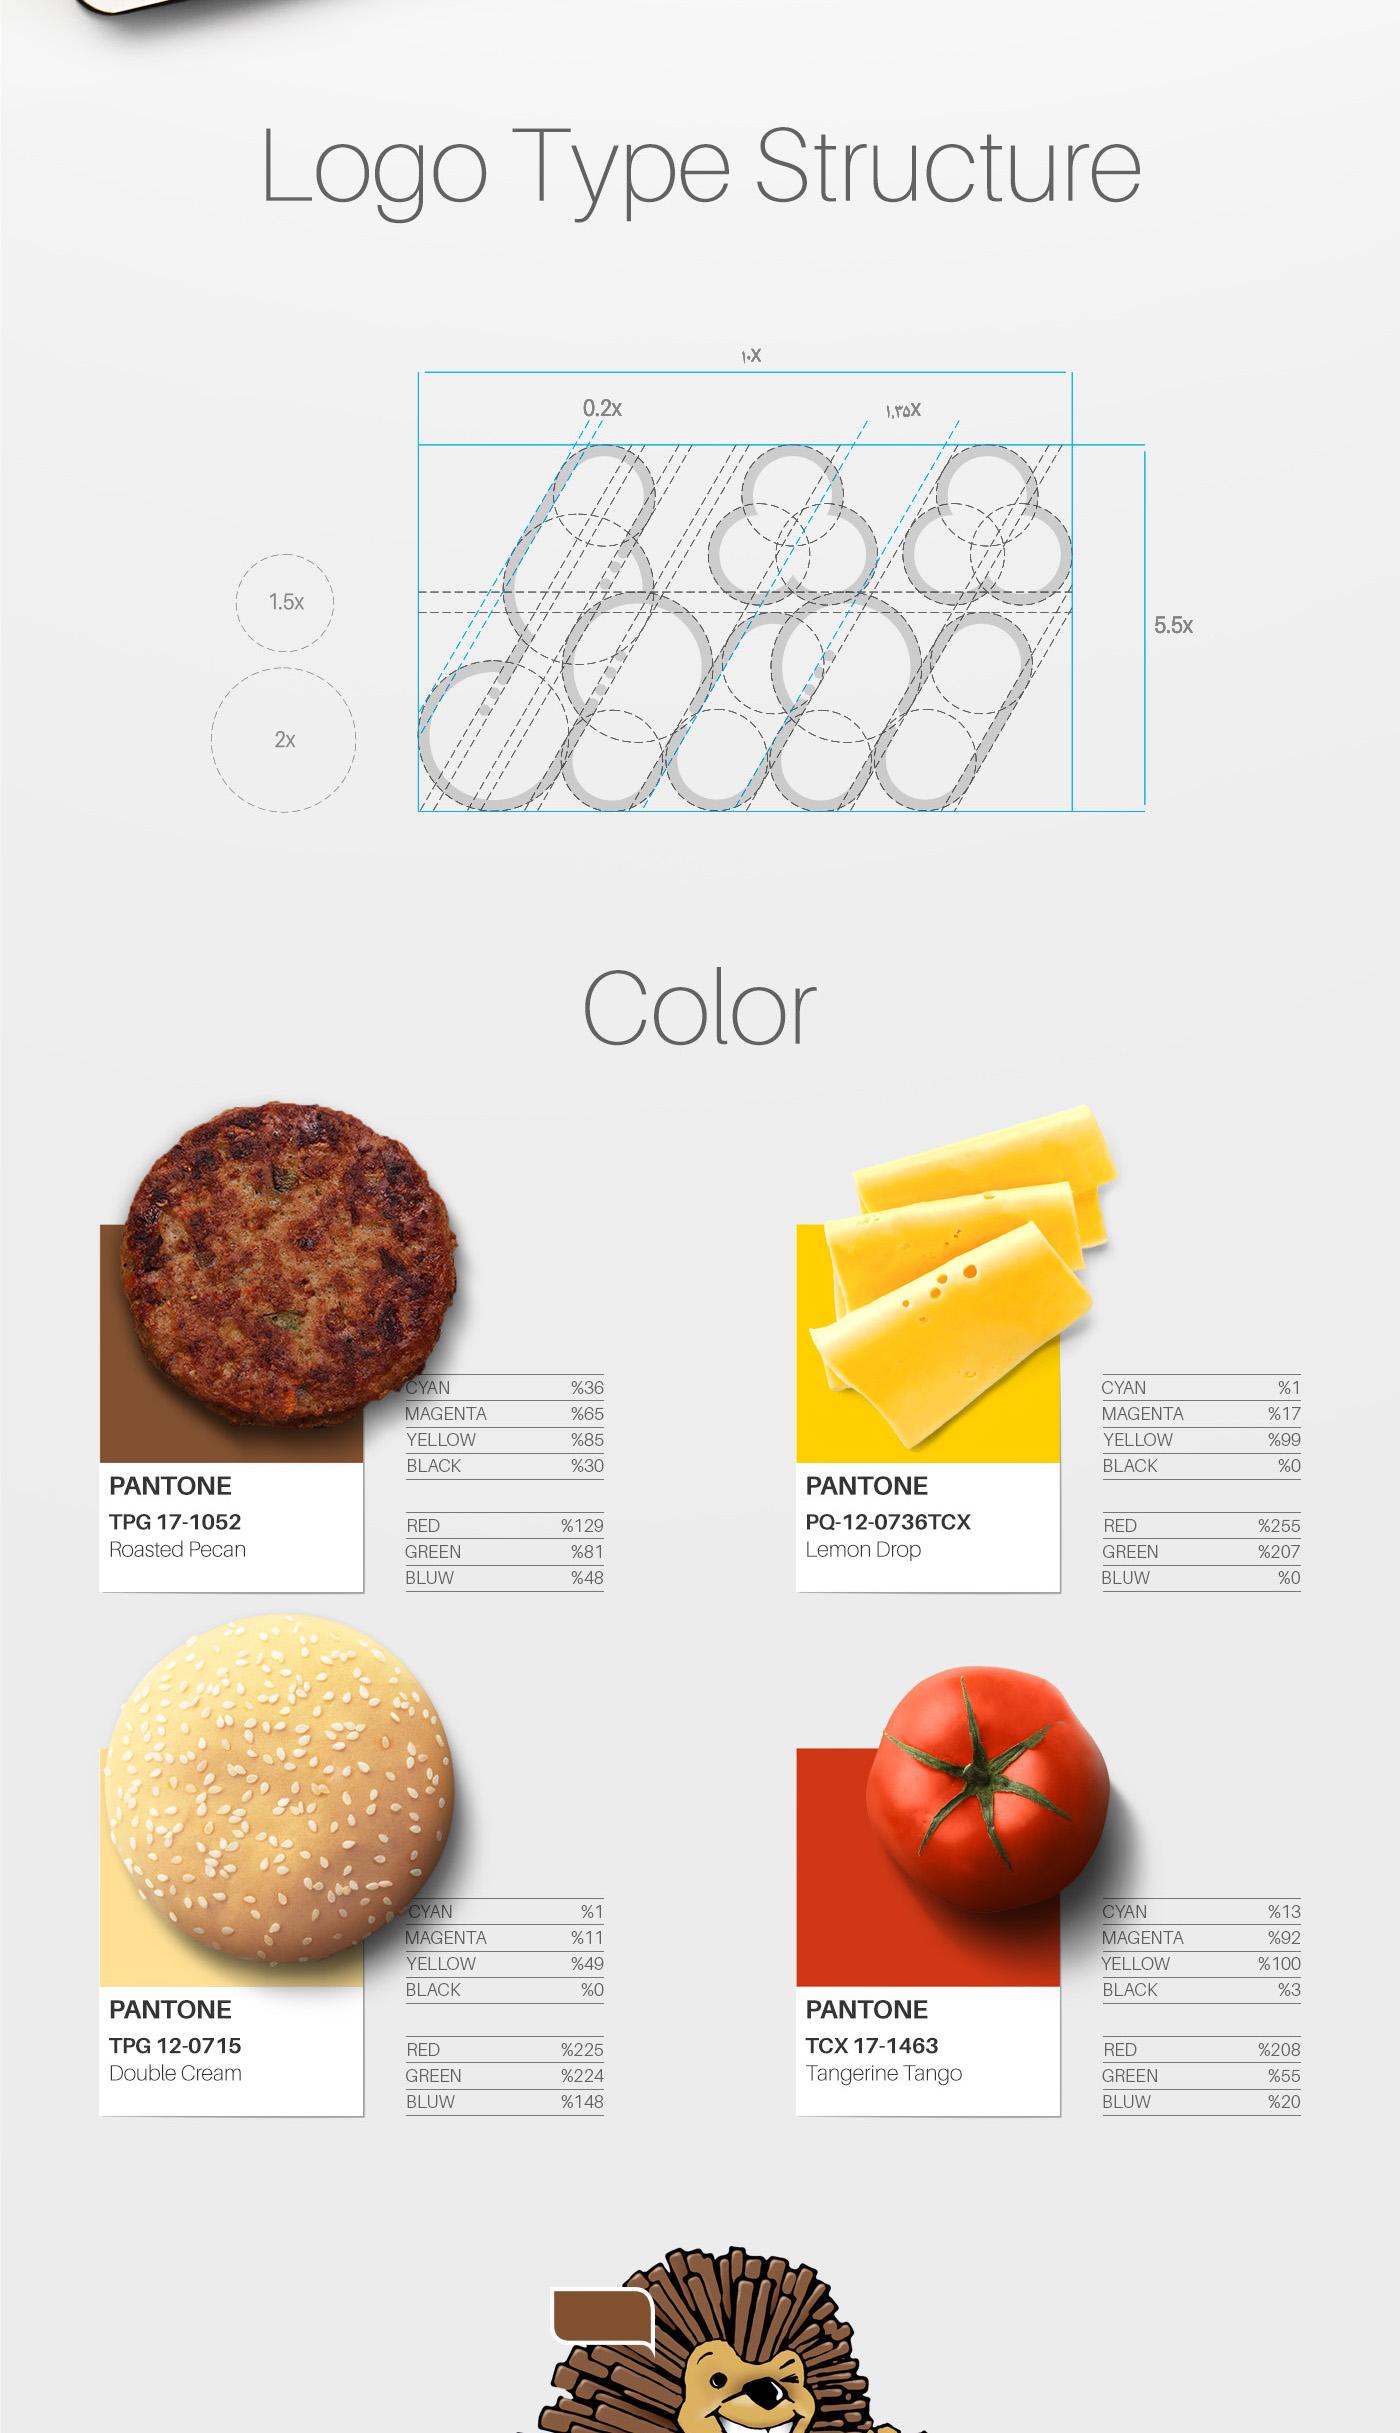 هویت بصری فست فود ژوژوک 1، هویت بصری رستوران ژوژوک، فست فود ژوژوک، هویت بصری، طراحی هویت بصری، شرکت تبلیغاتی الف، طراحی لوگو، طراحی لوگوتابپ، طراحی ست اداری، طراحی اوراق اداری